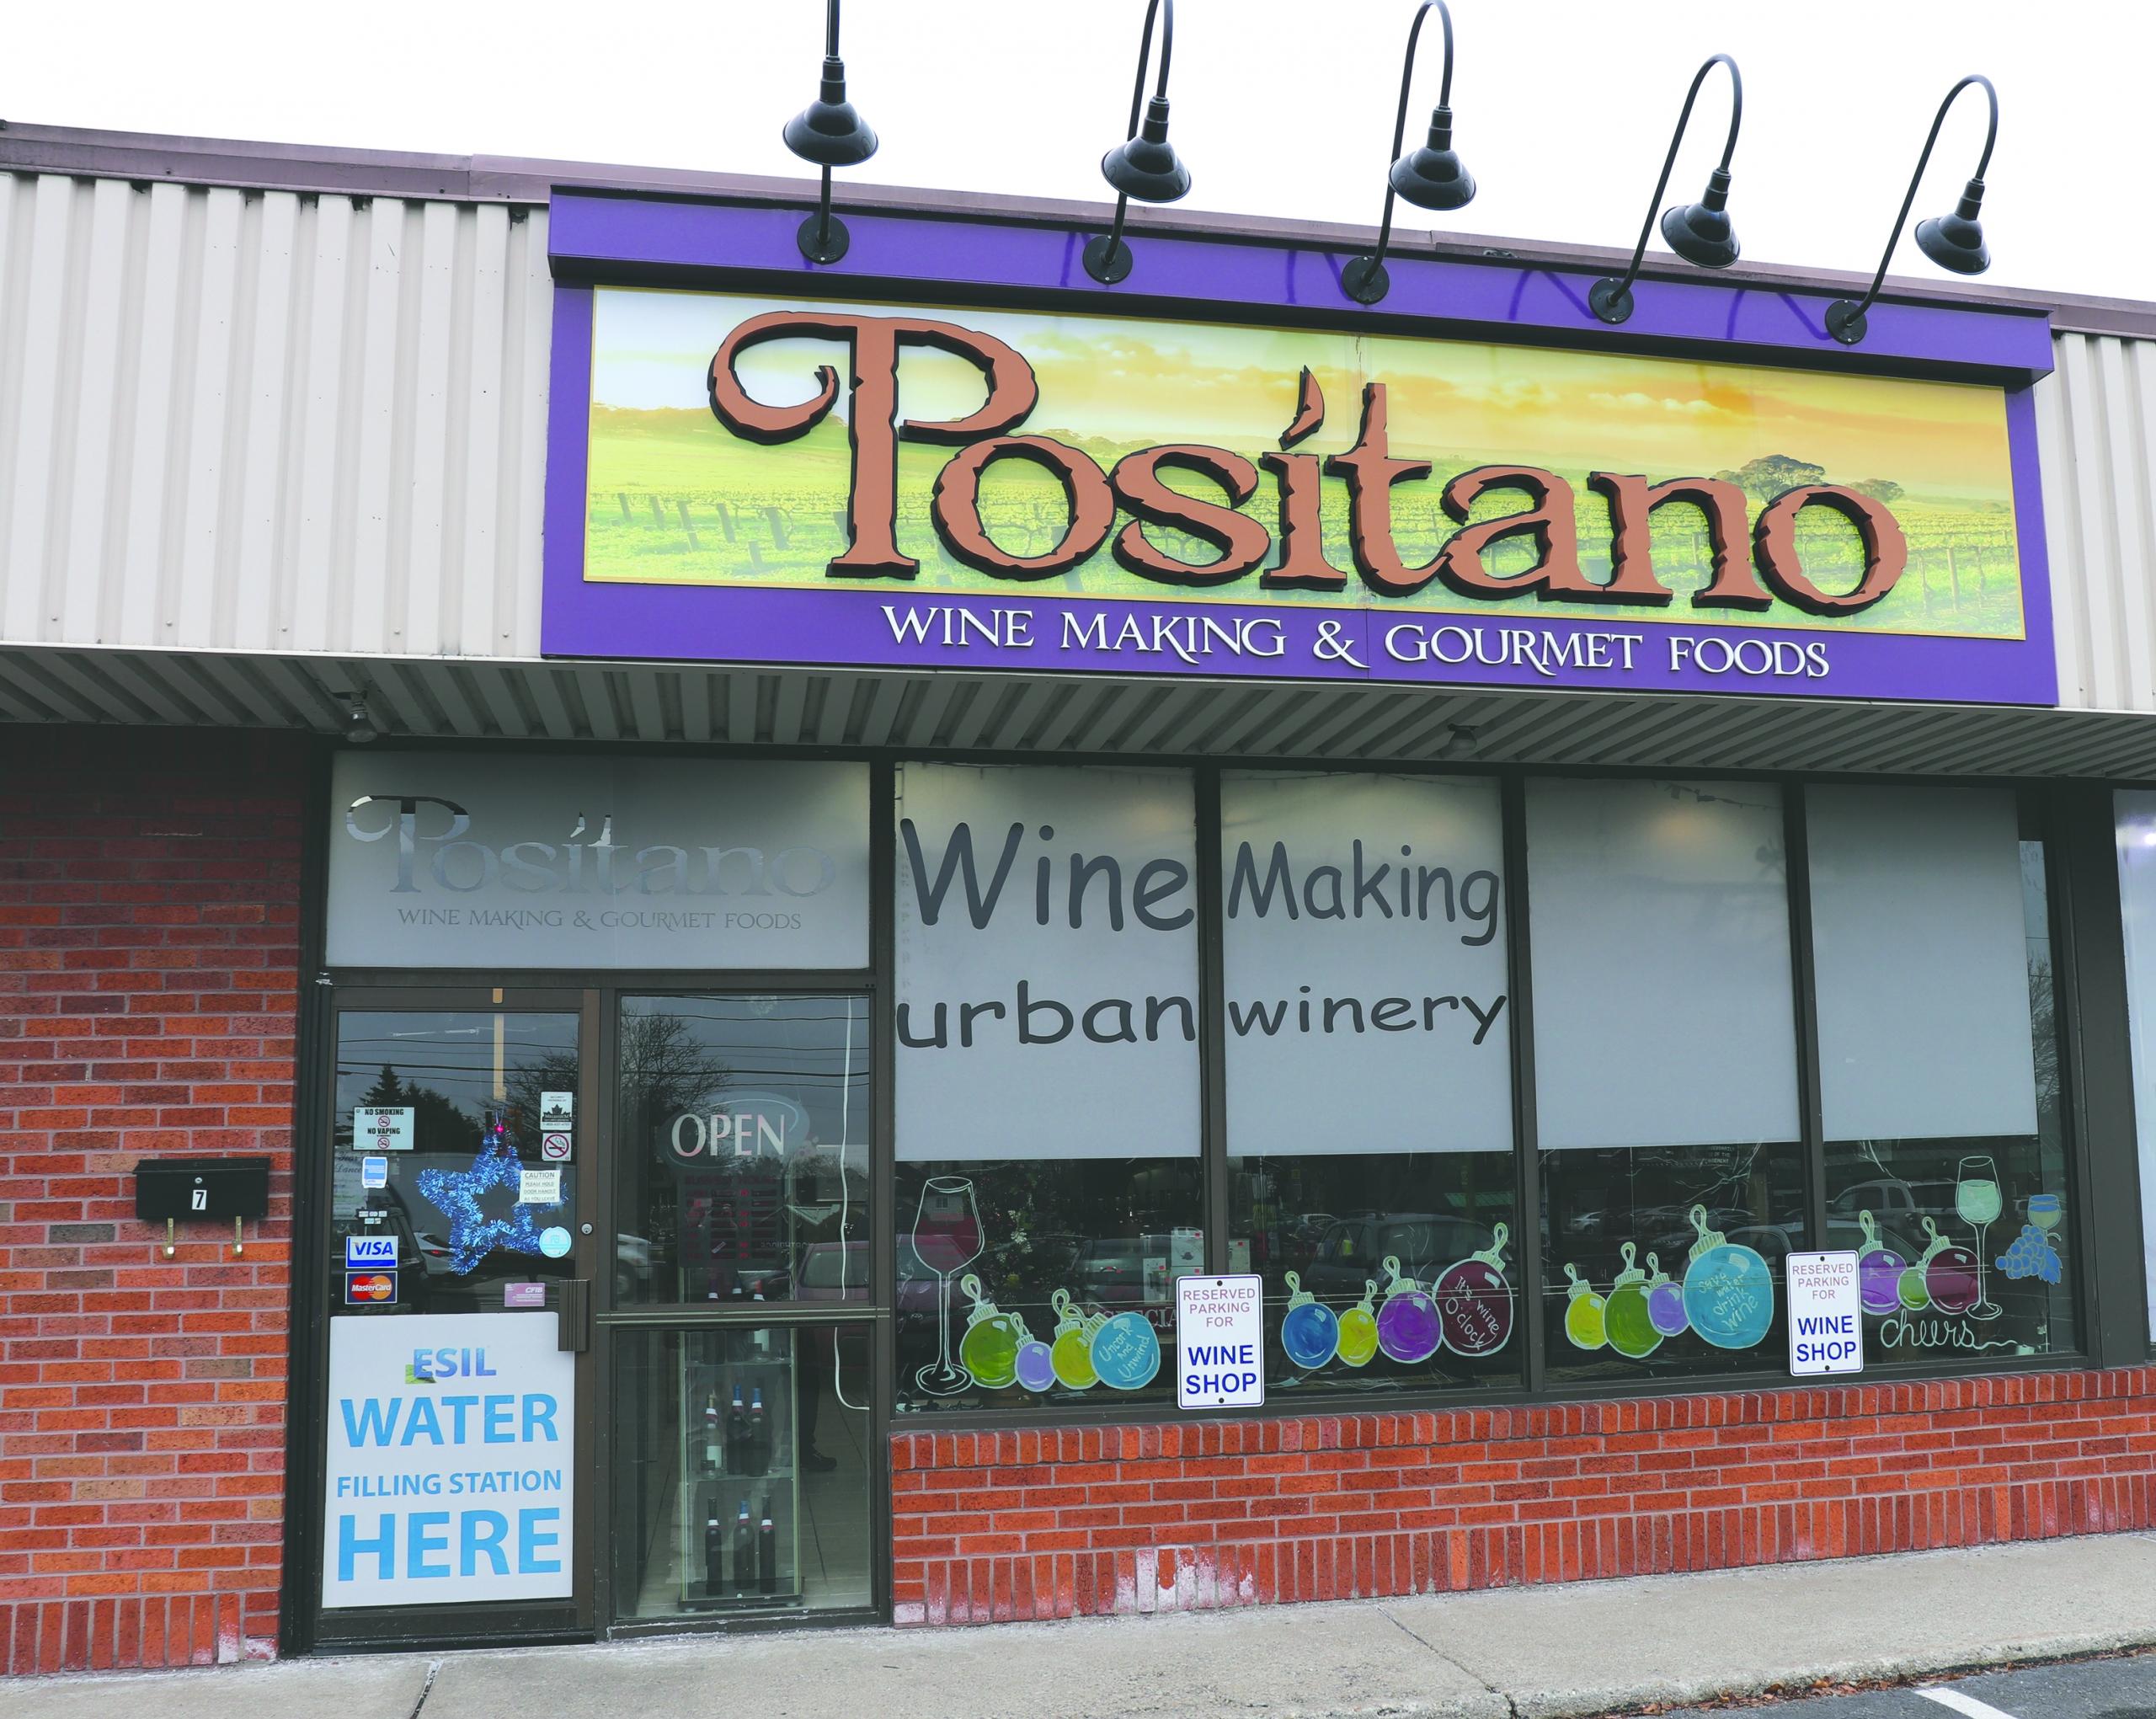 Positano's Store Front